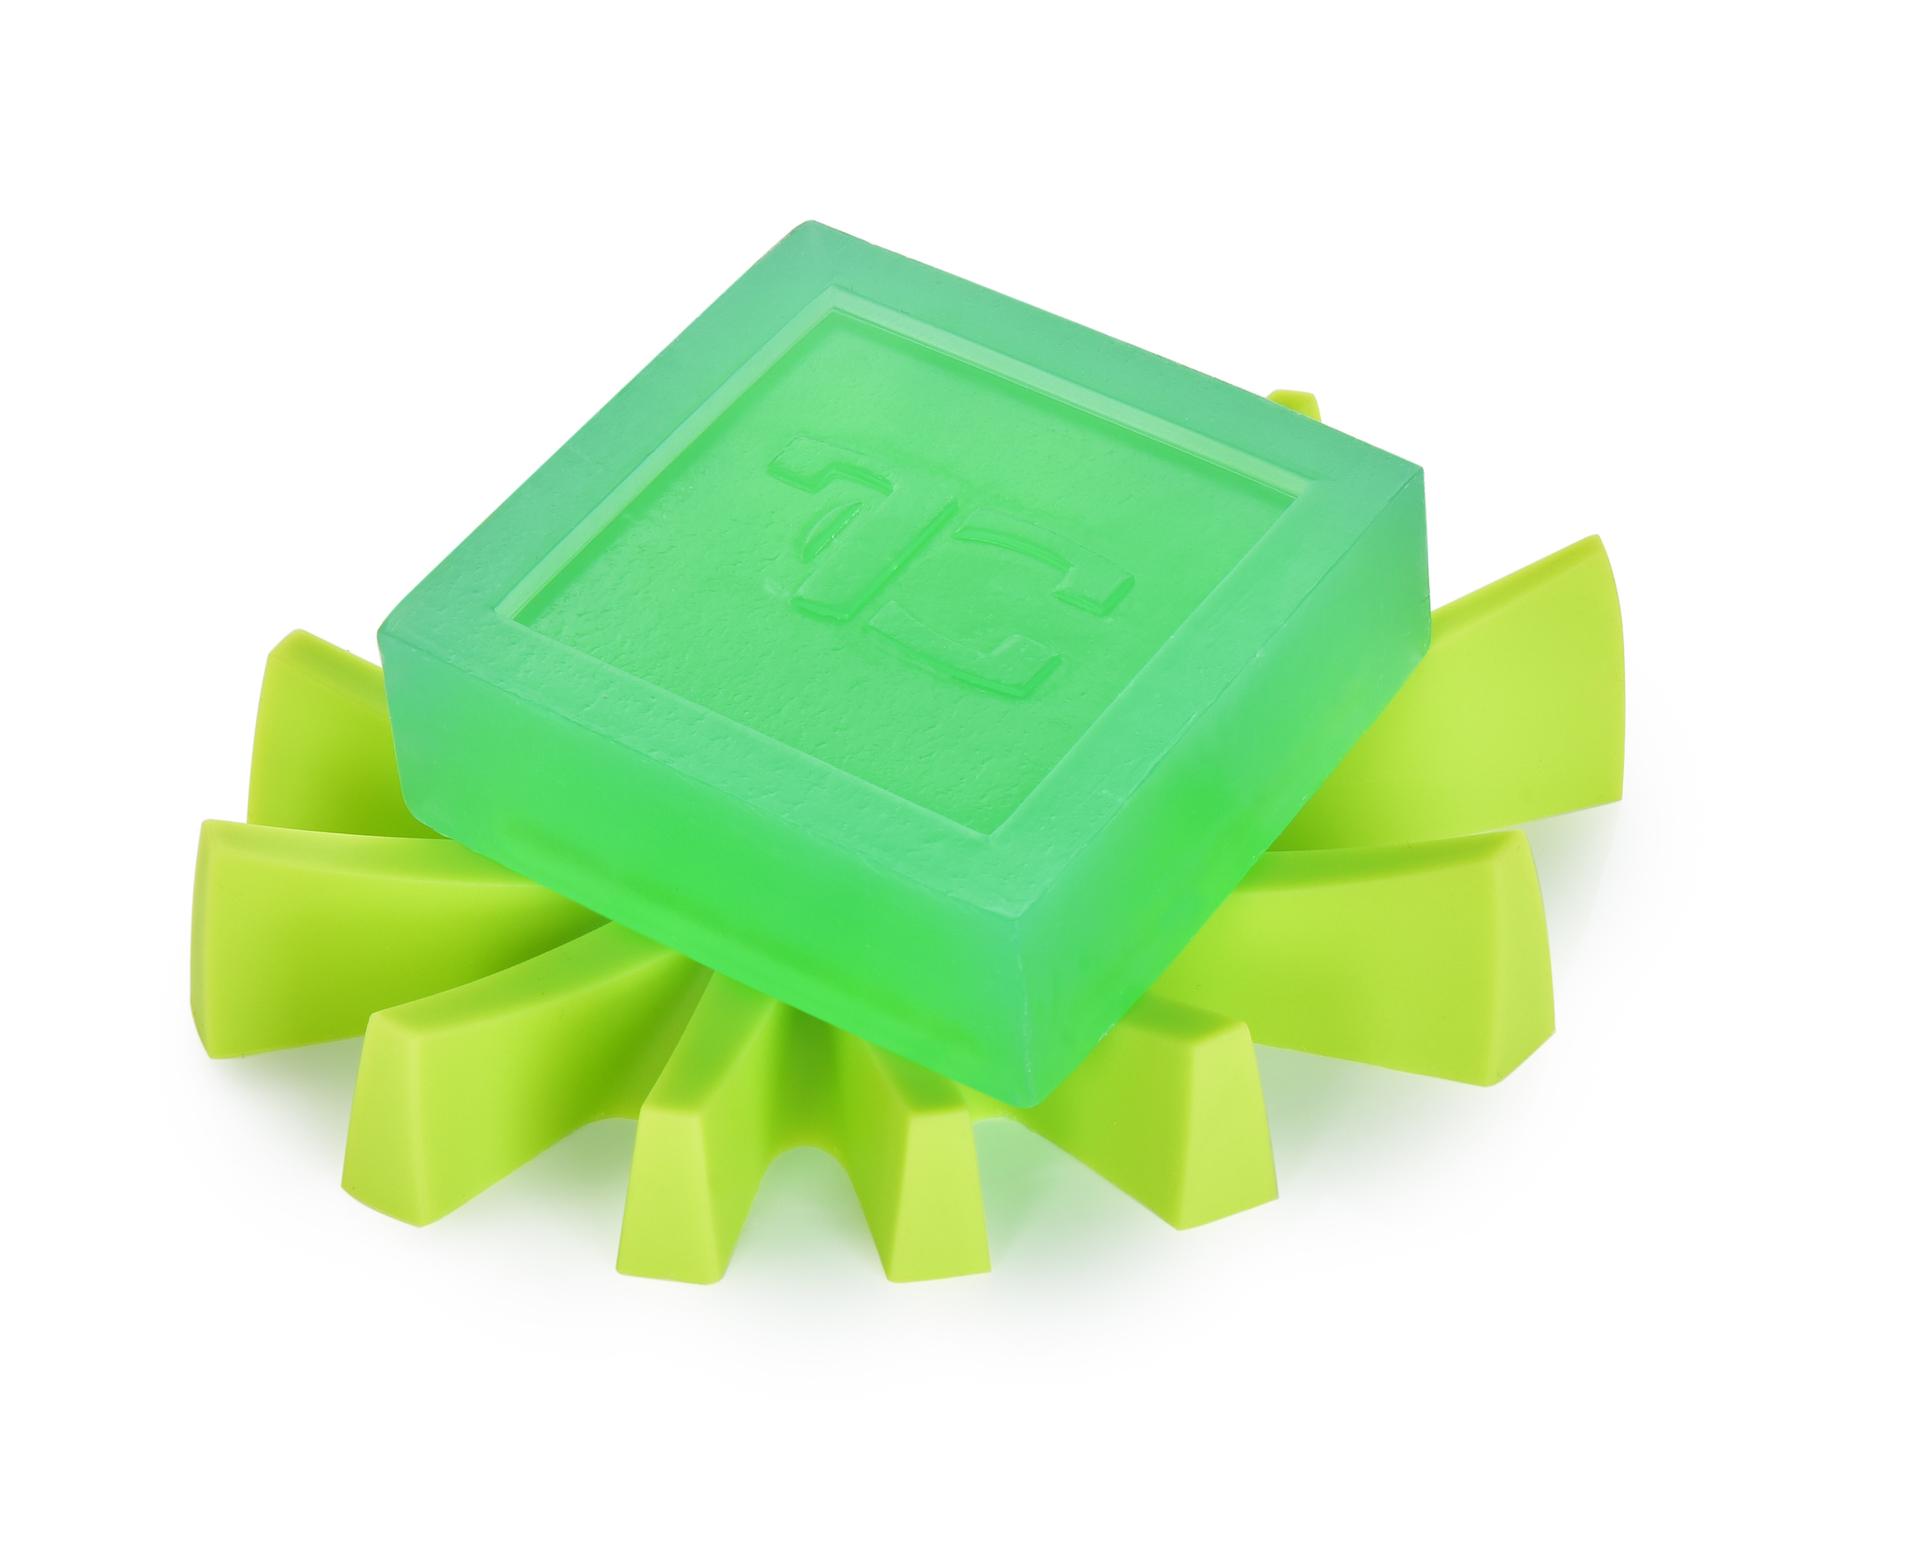 Mýdlovník zelený, stojan na tuhá mýdla